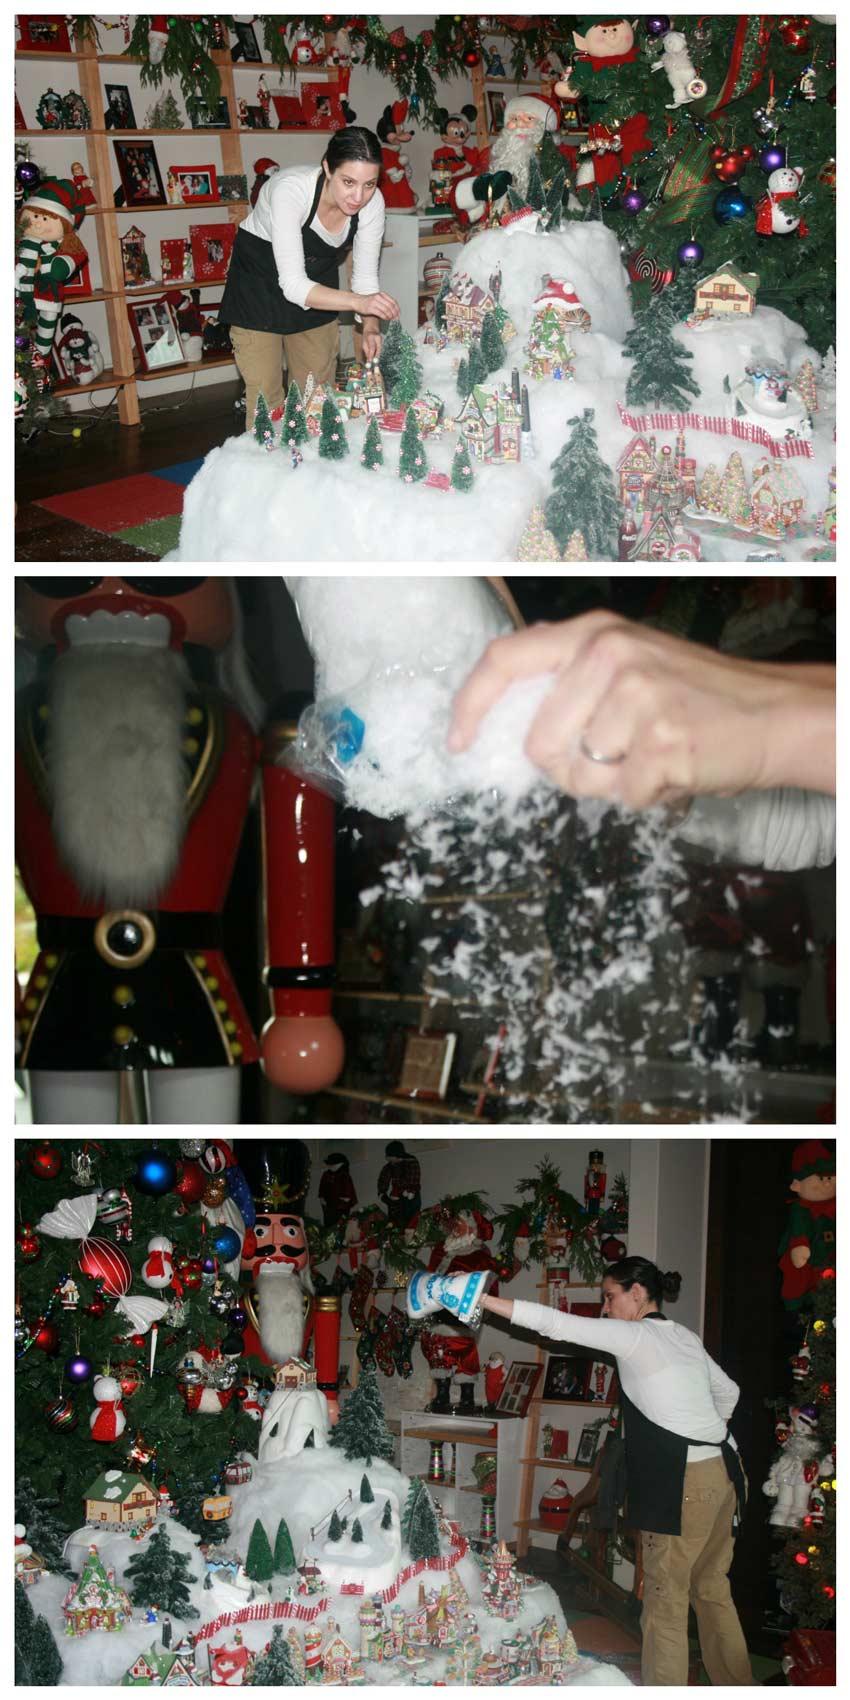 Navidad-Christmas-Decoracion-Navideña-Ana-nevando-el-pueblito-Coca-Cola